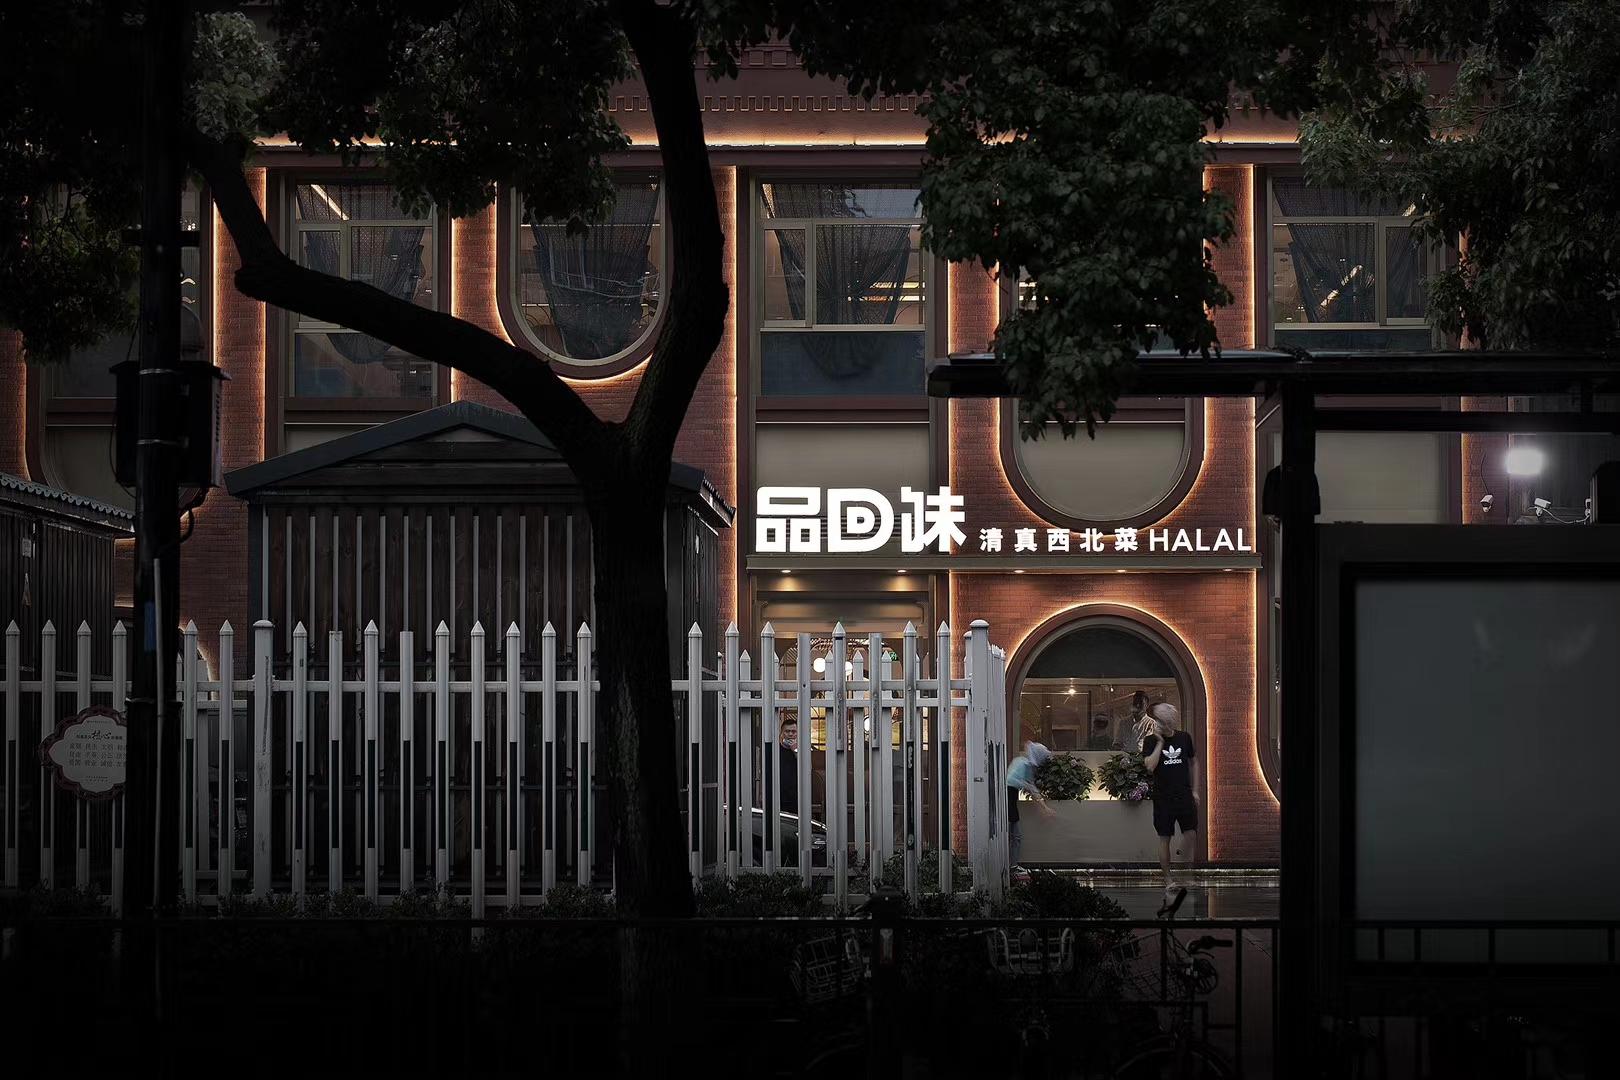 品味回西北菜餐厅设计-杭州餐厅设计-杭州达岸品牌策划设计公司a2c0c9ba2cf3c9c1c44f8a497fc178ed